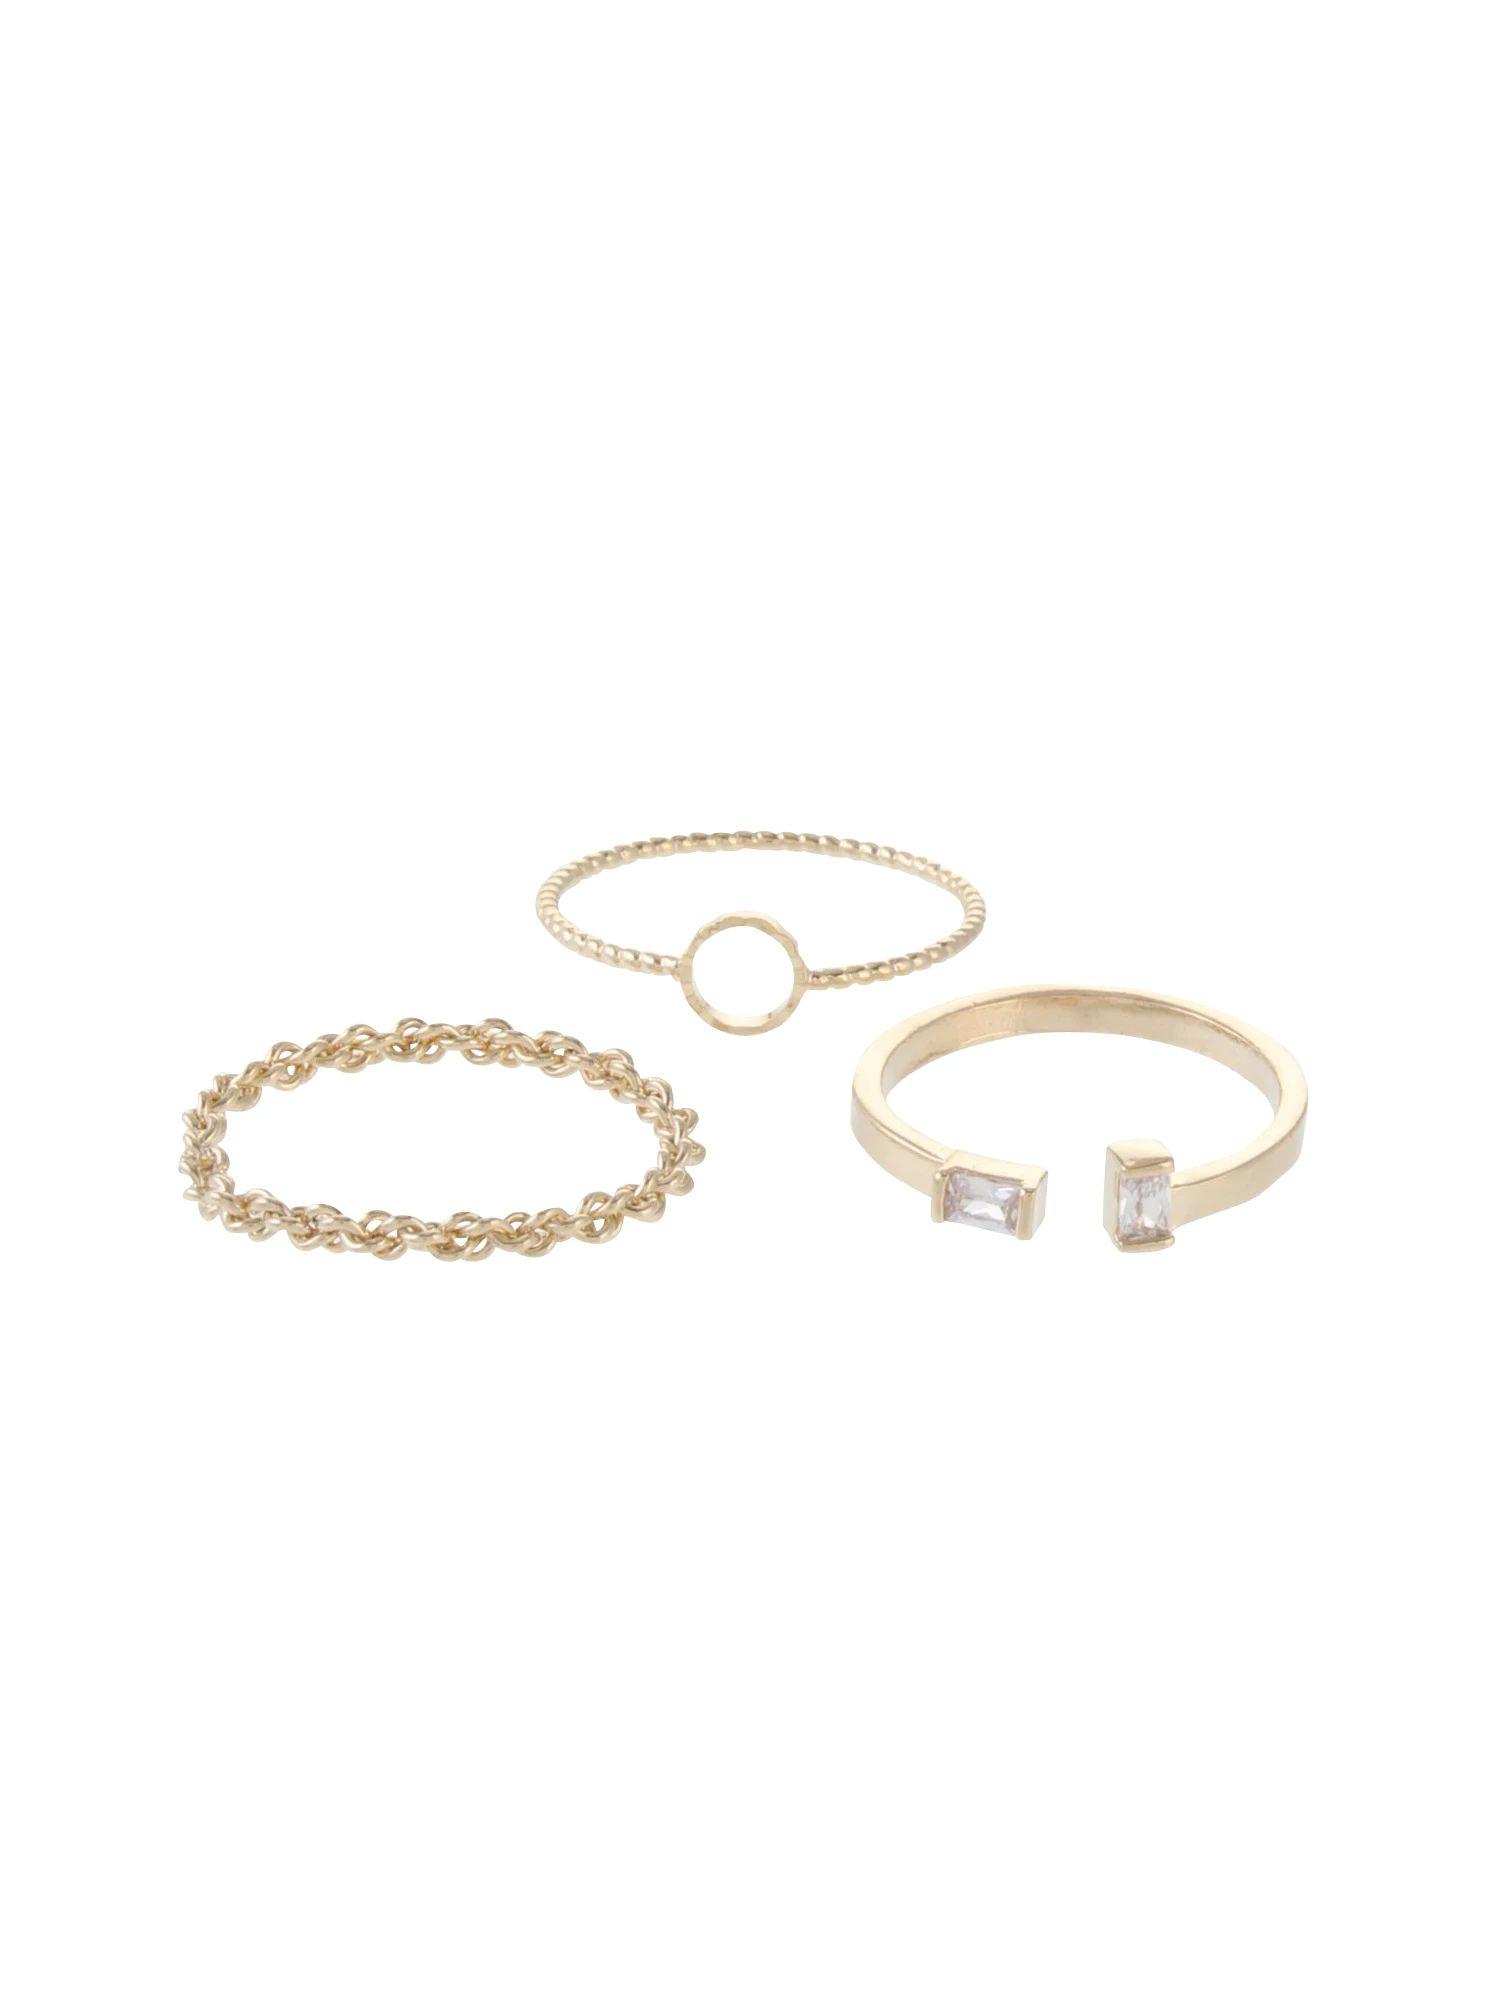 Triple ring set